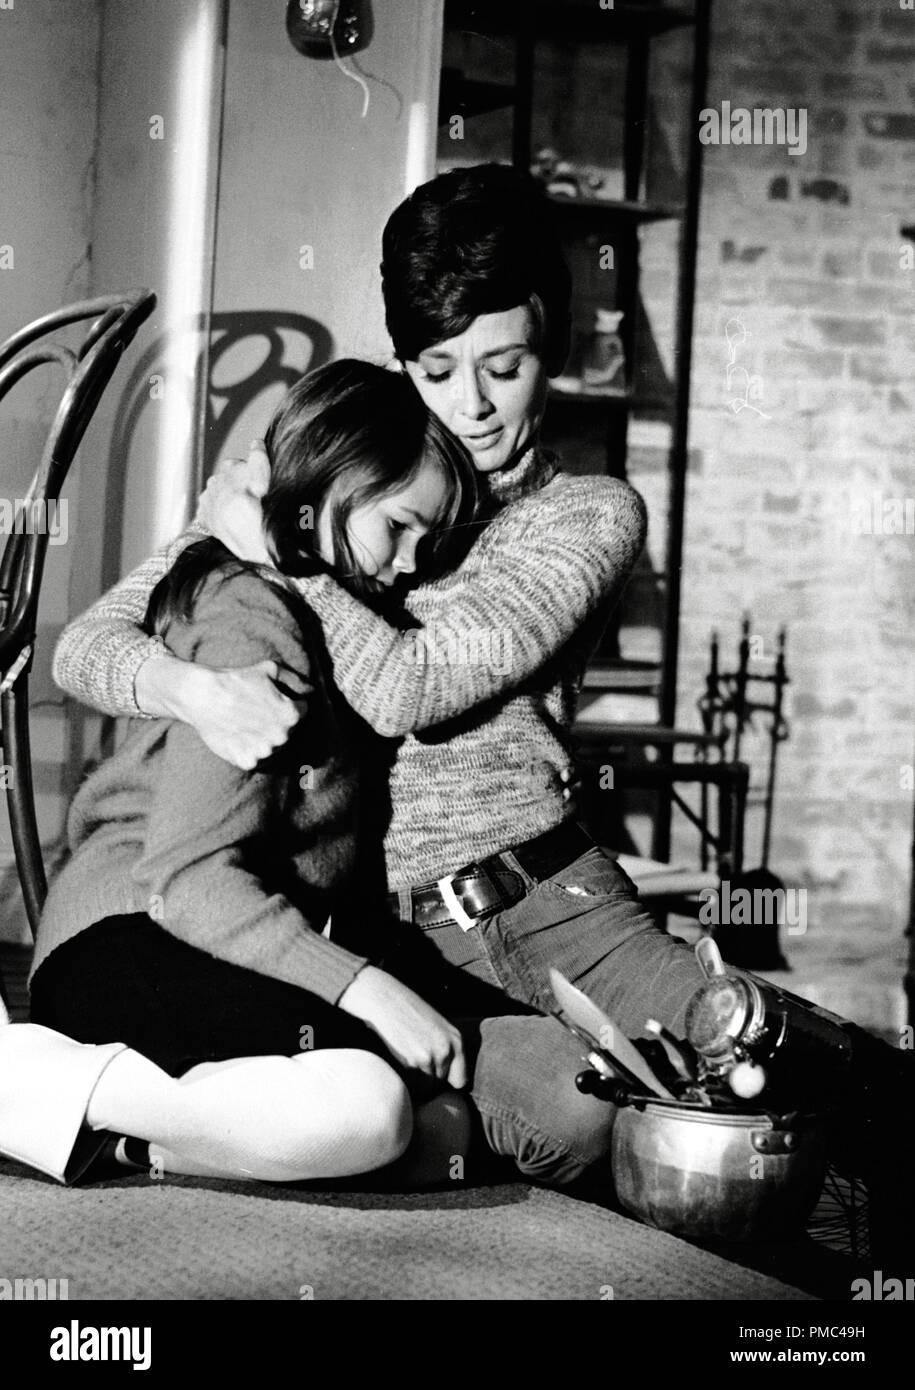 Julie Harrod and Audrey Hepburn, 'Wait Until Dark' 1967 Warner Bros. File Reference # 33536_266THA - Stock Image